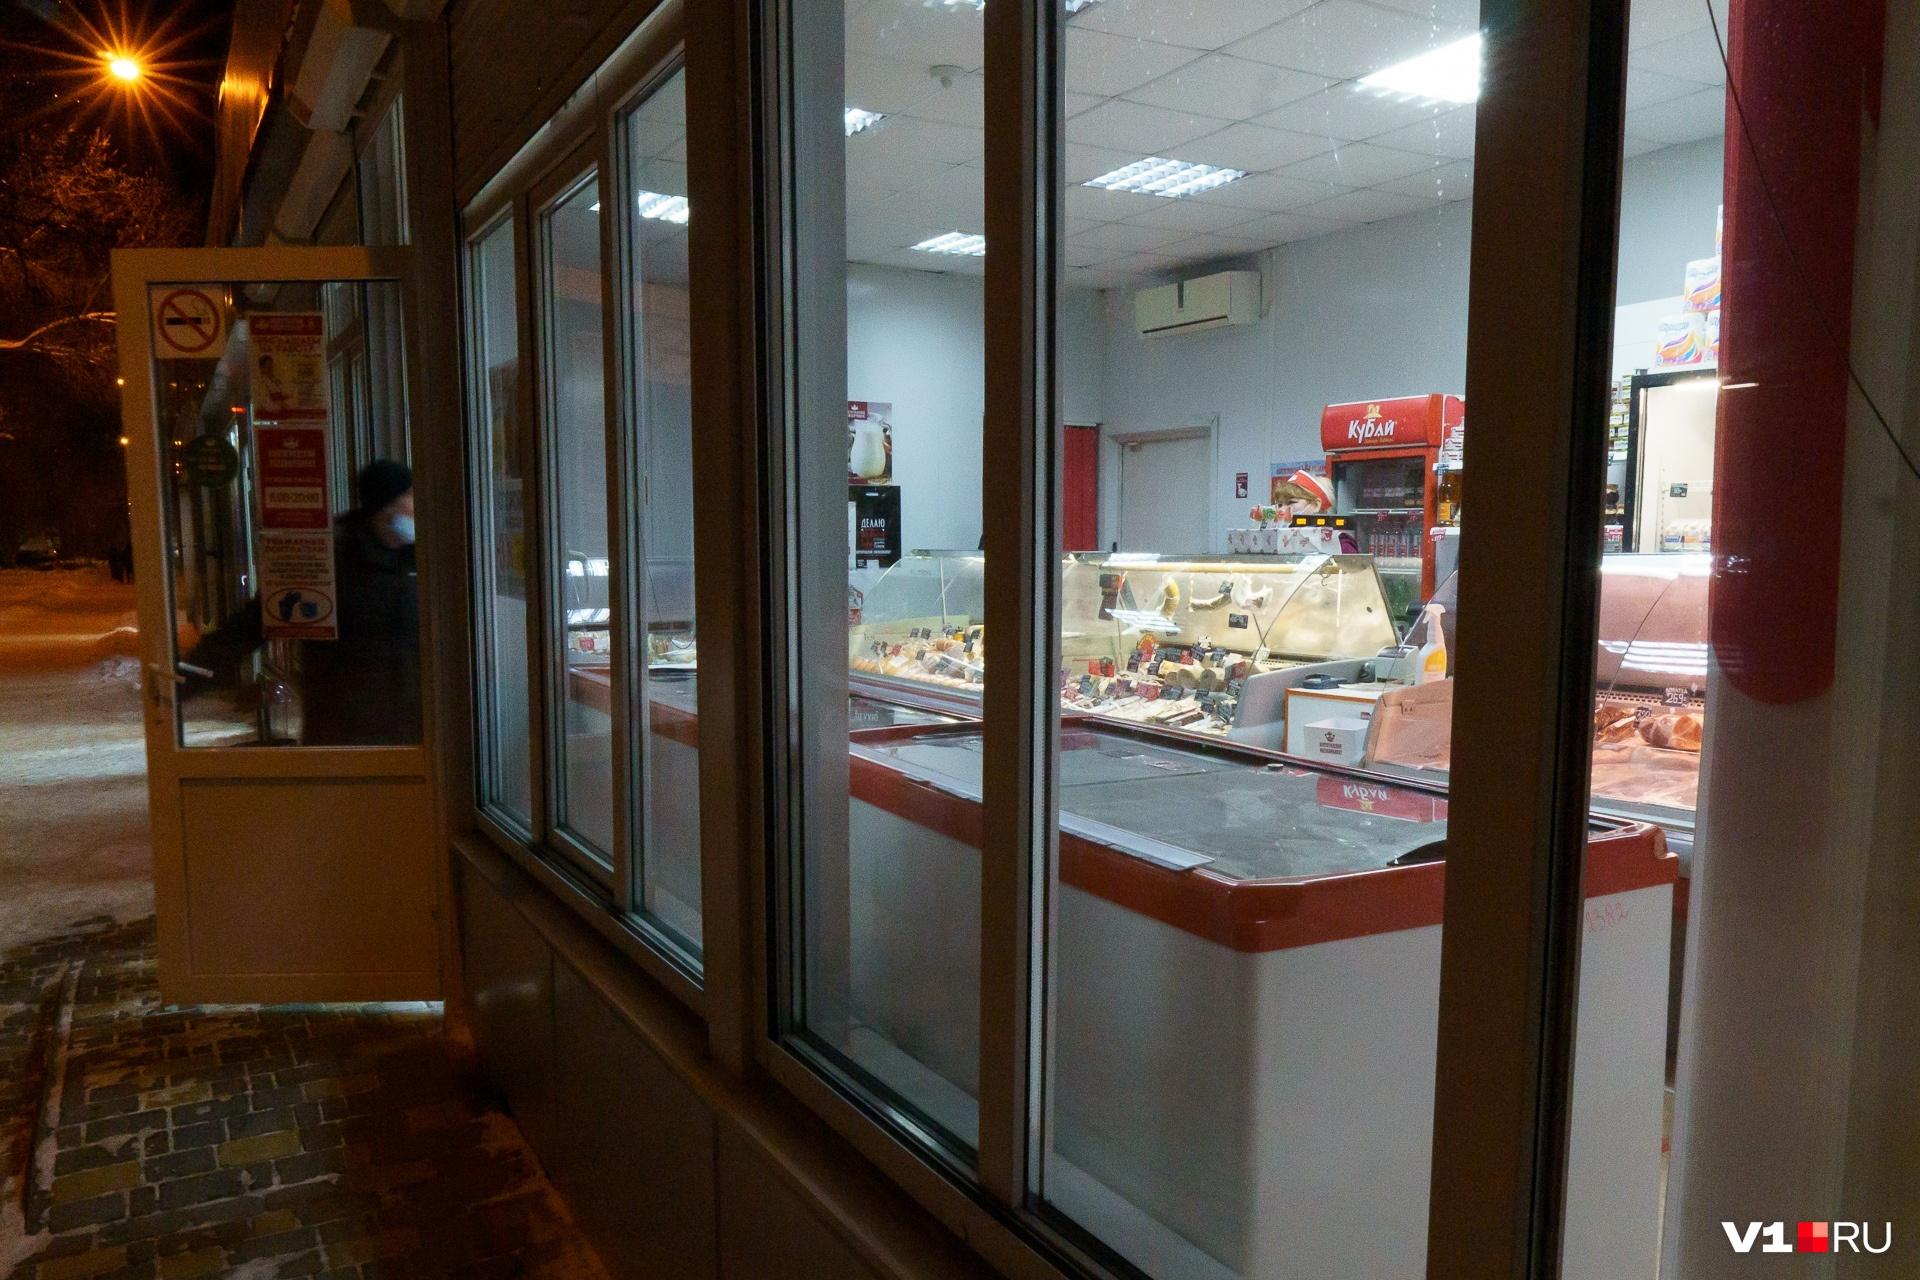 Из темноты хорошо видно — есть покупатели в павильоне или нет